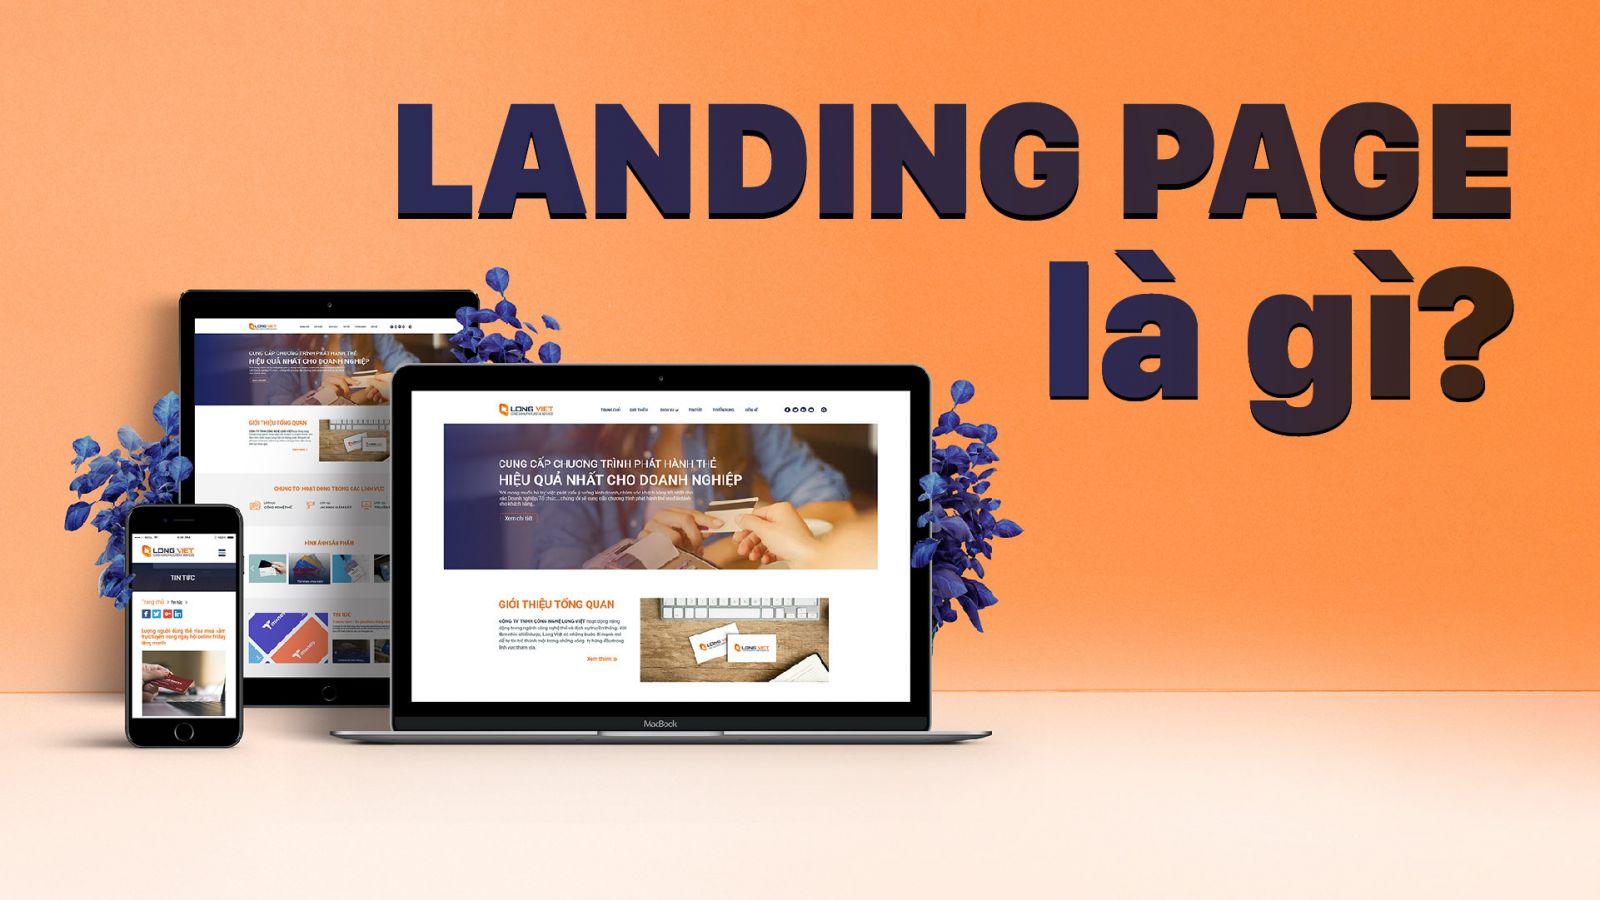 Landing page là gì? Tại sao nên sử dụng landing page?Đó là 2 câu hỏi mà chúng ta sẽ cùng nhau giải đáp trong bài viết này.